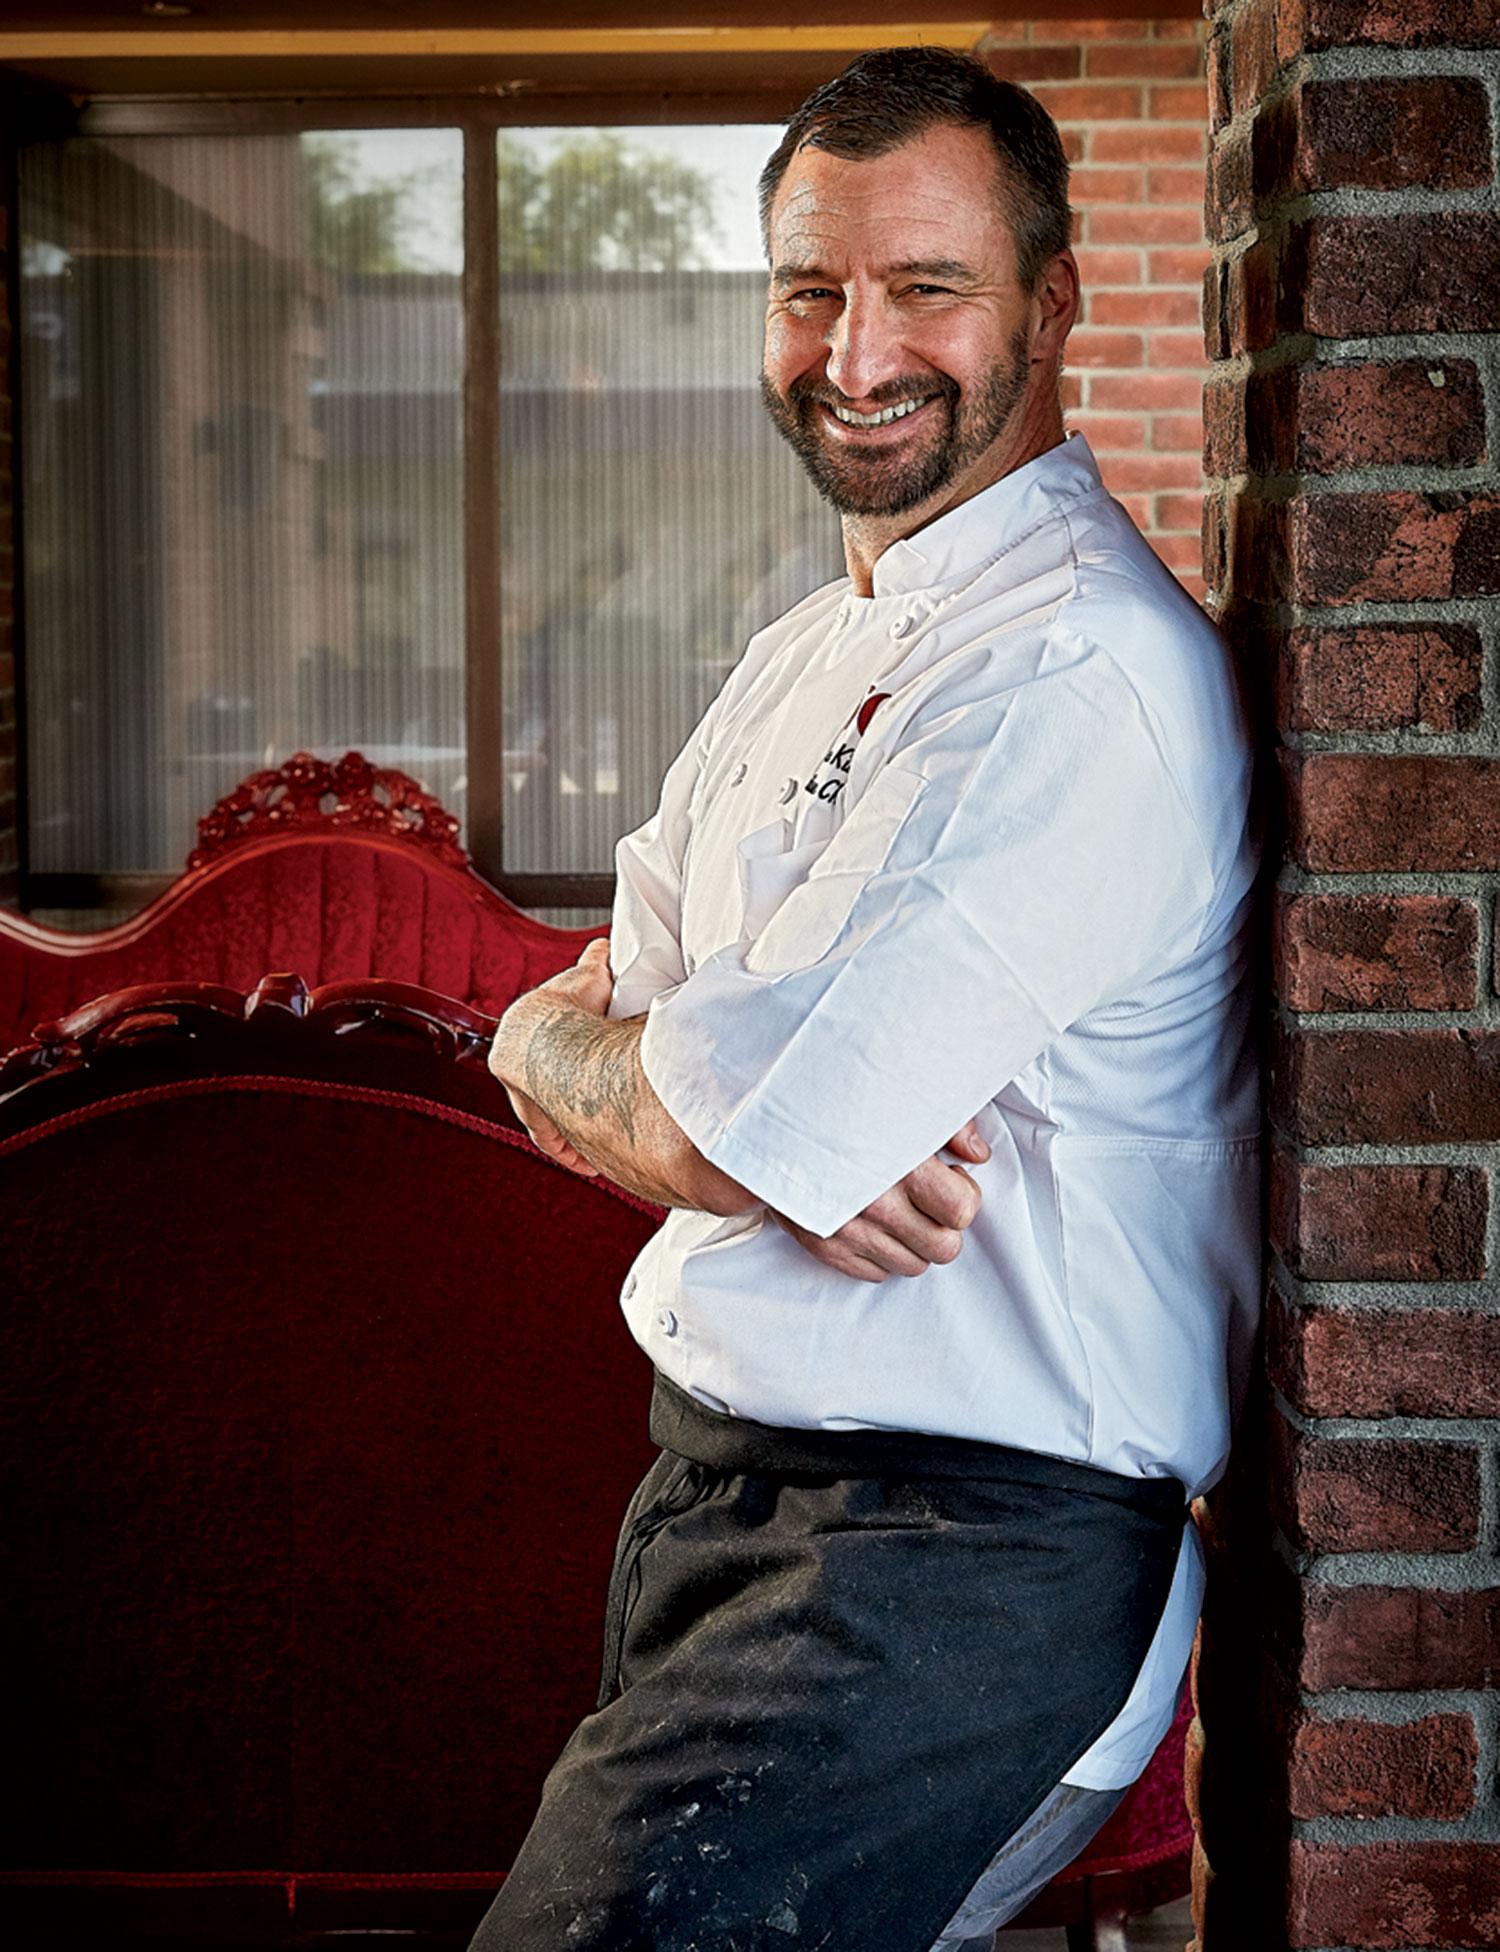 Chef James King